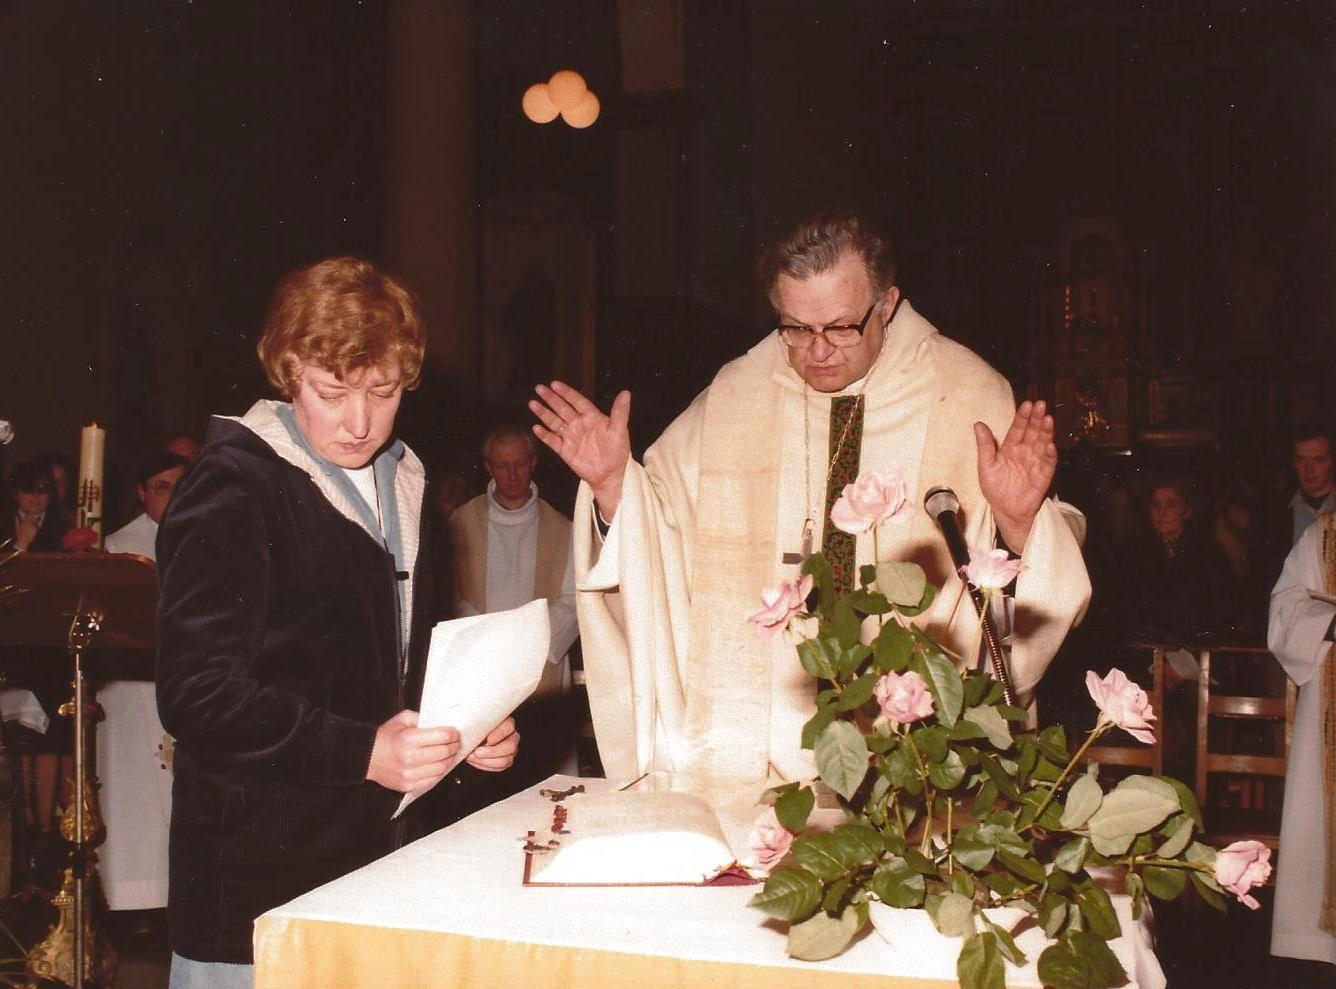 Soeur Renée - L'office est célébré par l'Evêque Monseigneur Mathen